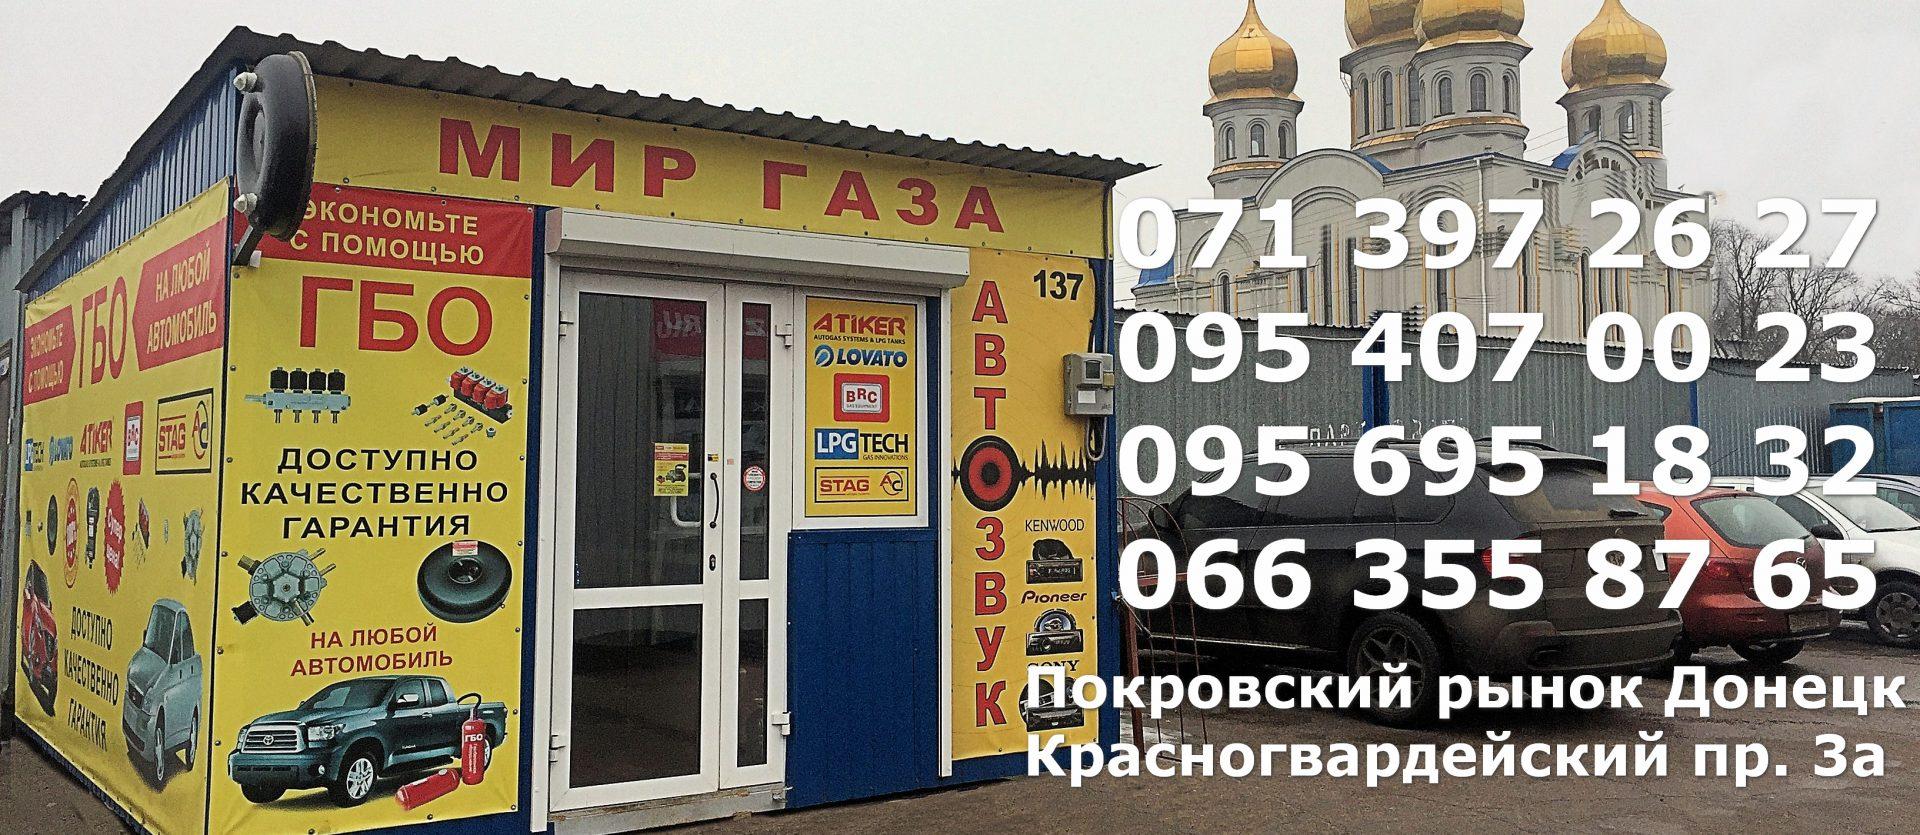 Мир Газа Донецк - Магазин ГБО